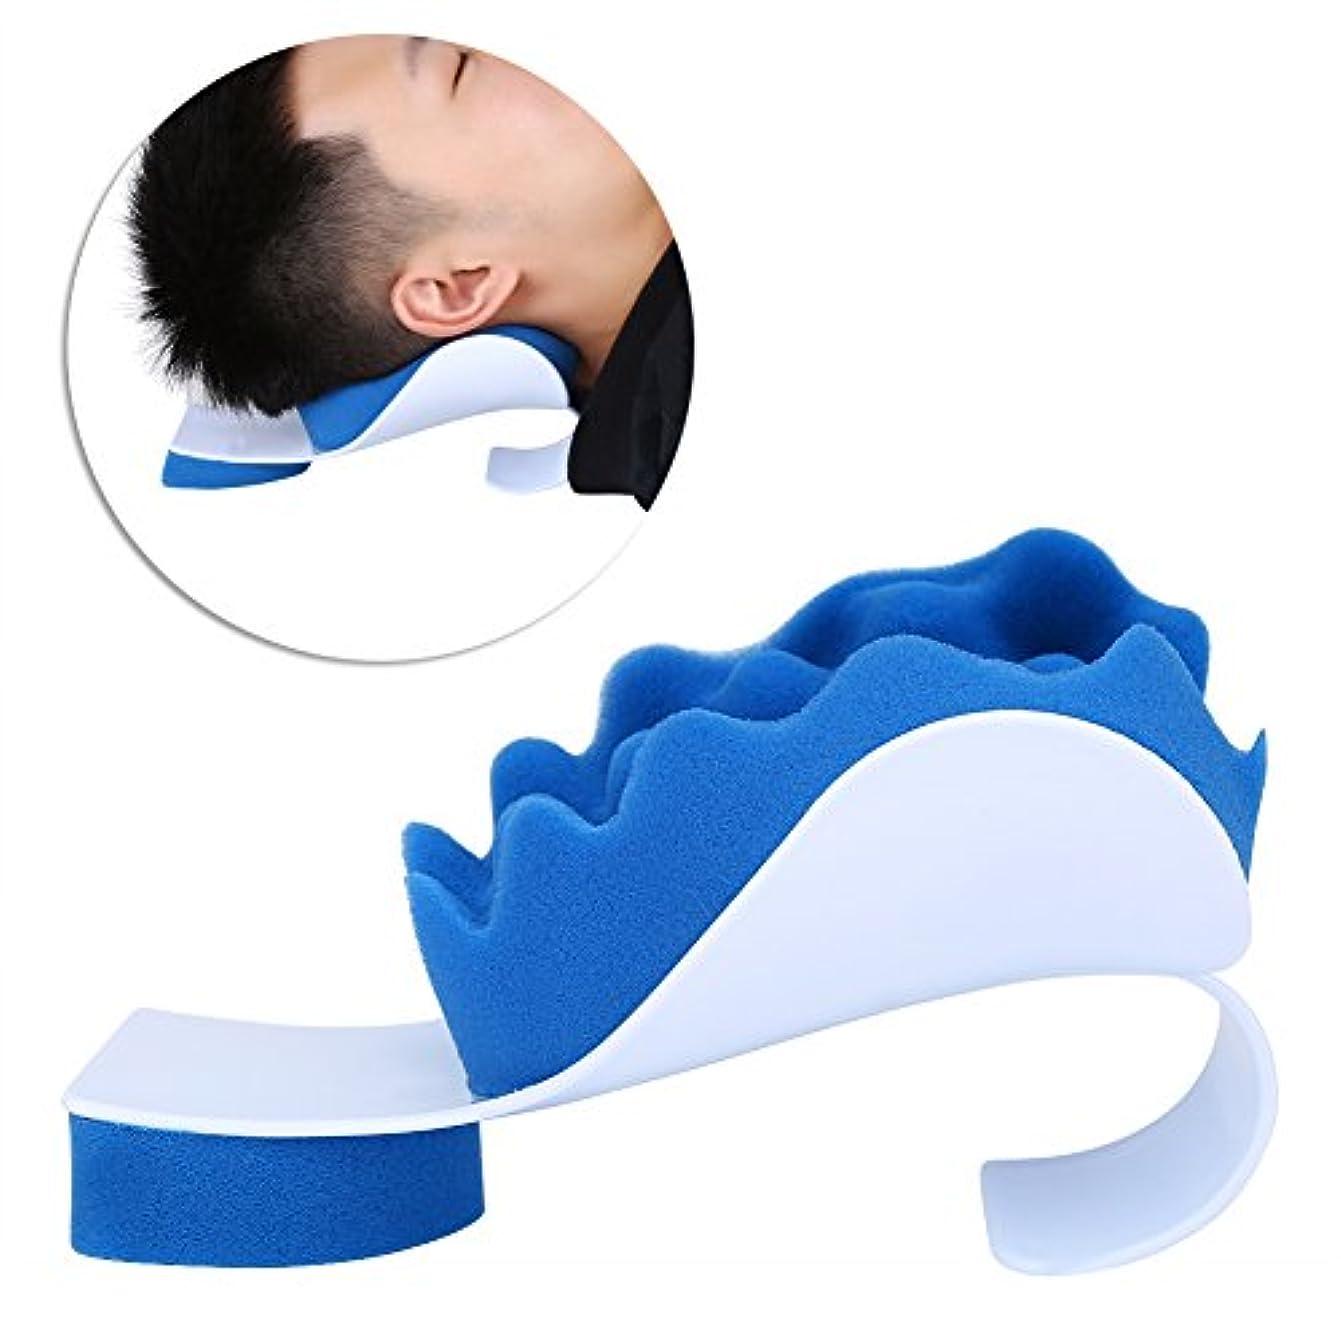 フィードオンクライマックス計算可能マッサージ枕 首ストレッチャー ネック枕 ツボ押し リラックス ストレス解消 頚椎/首筋矯正 首筋押圧 肩こり 首こり 改善